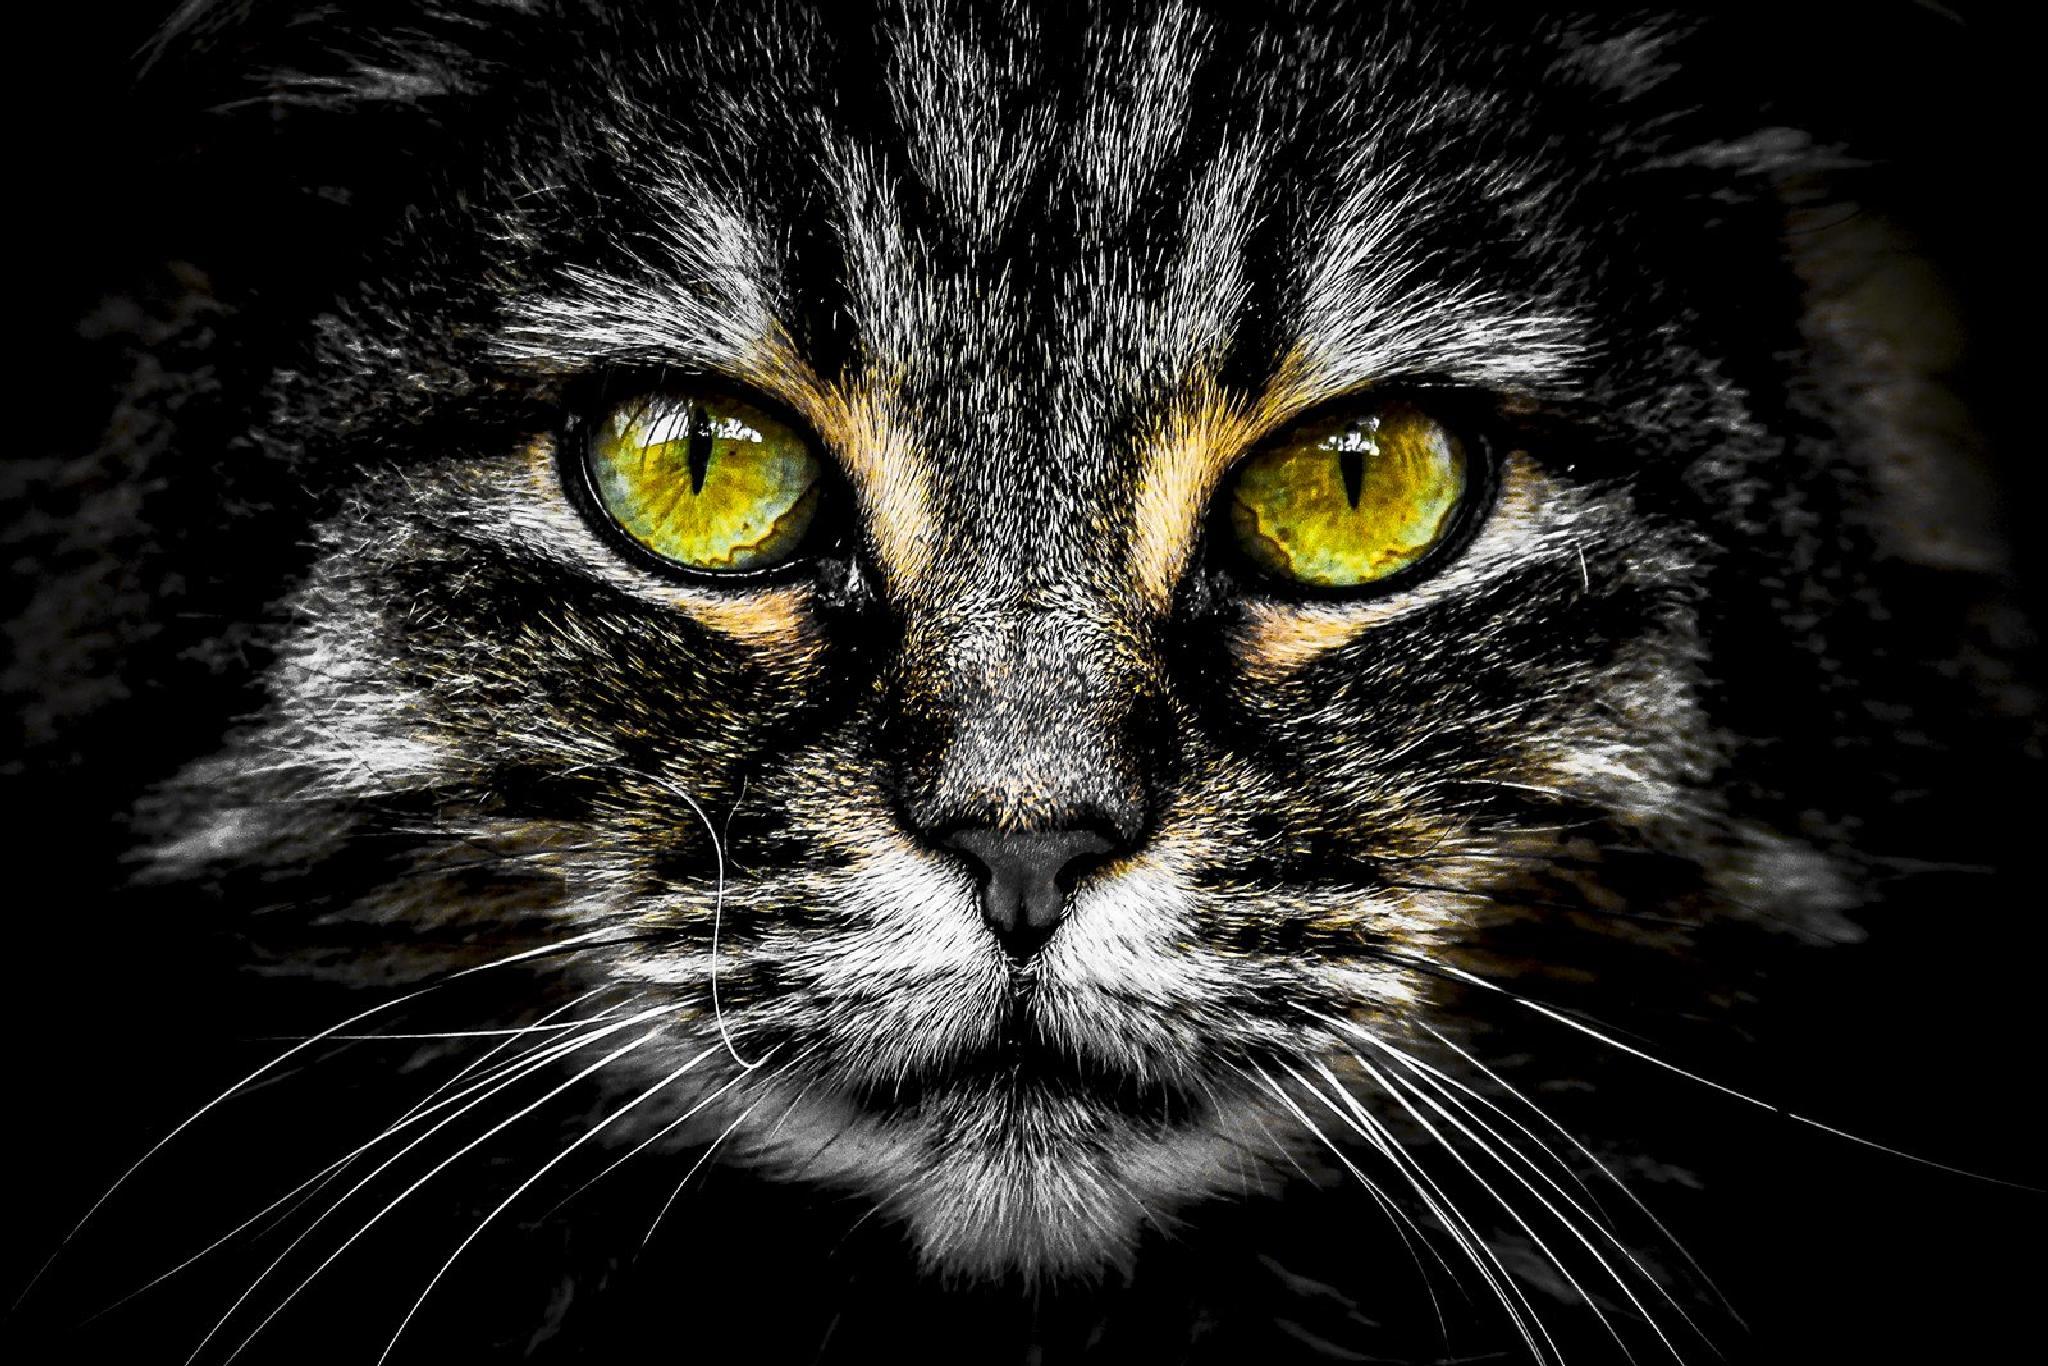 Cat's eyes by DonatoRomagnuolo